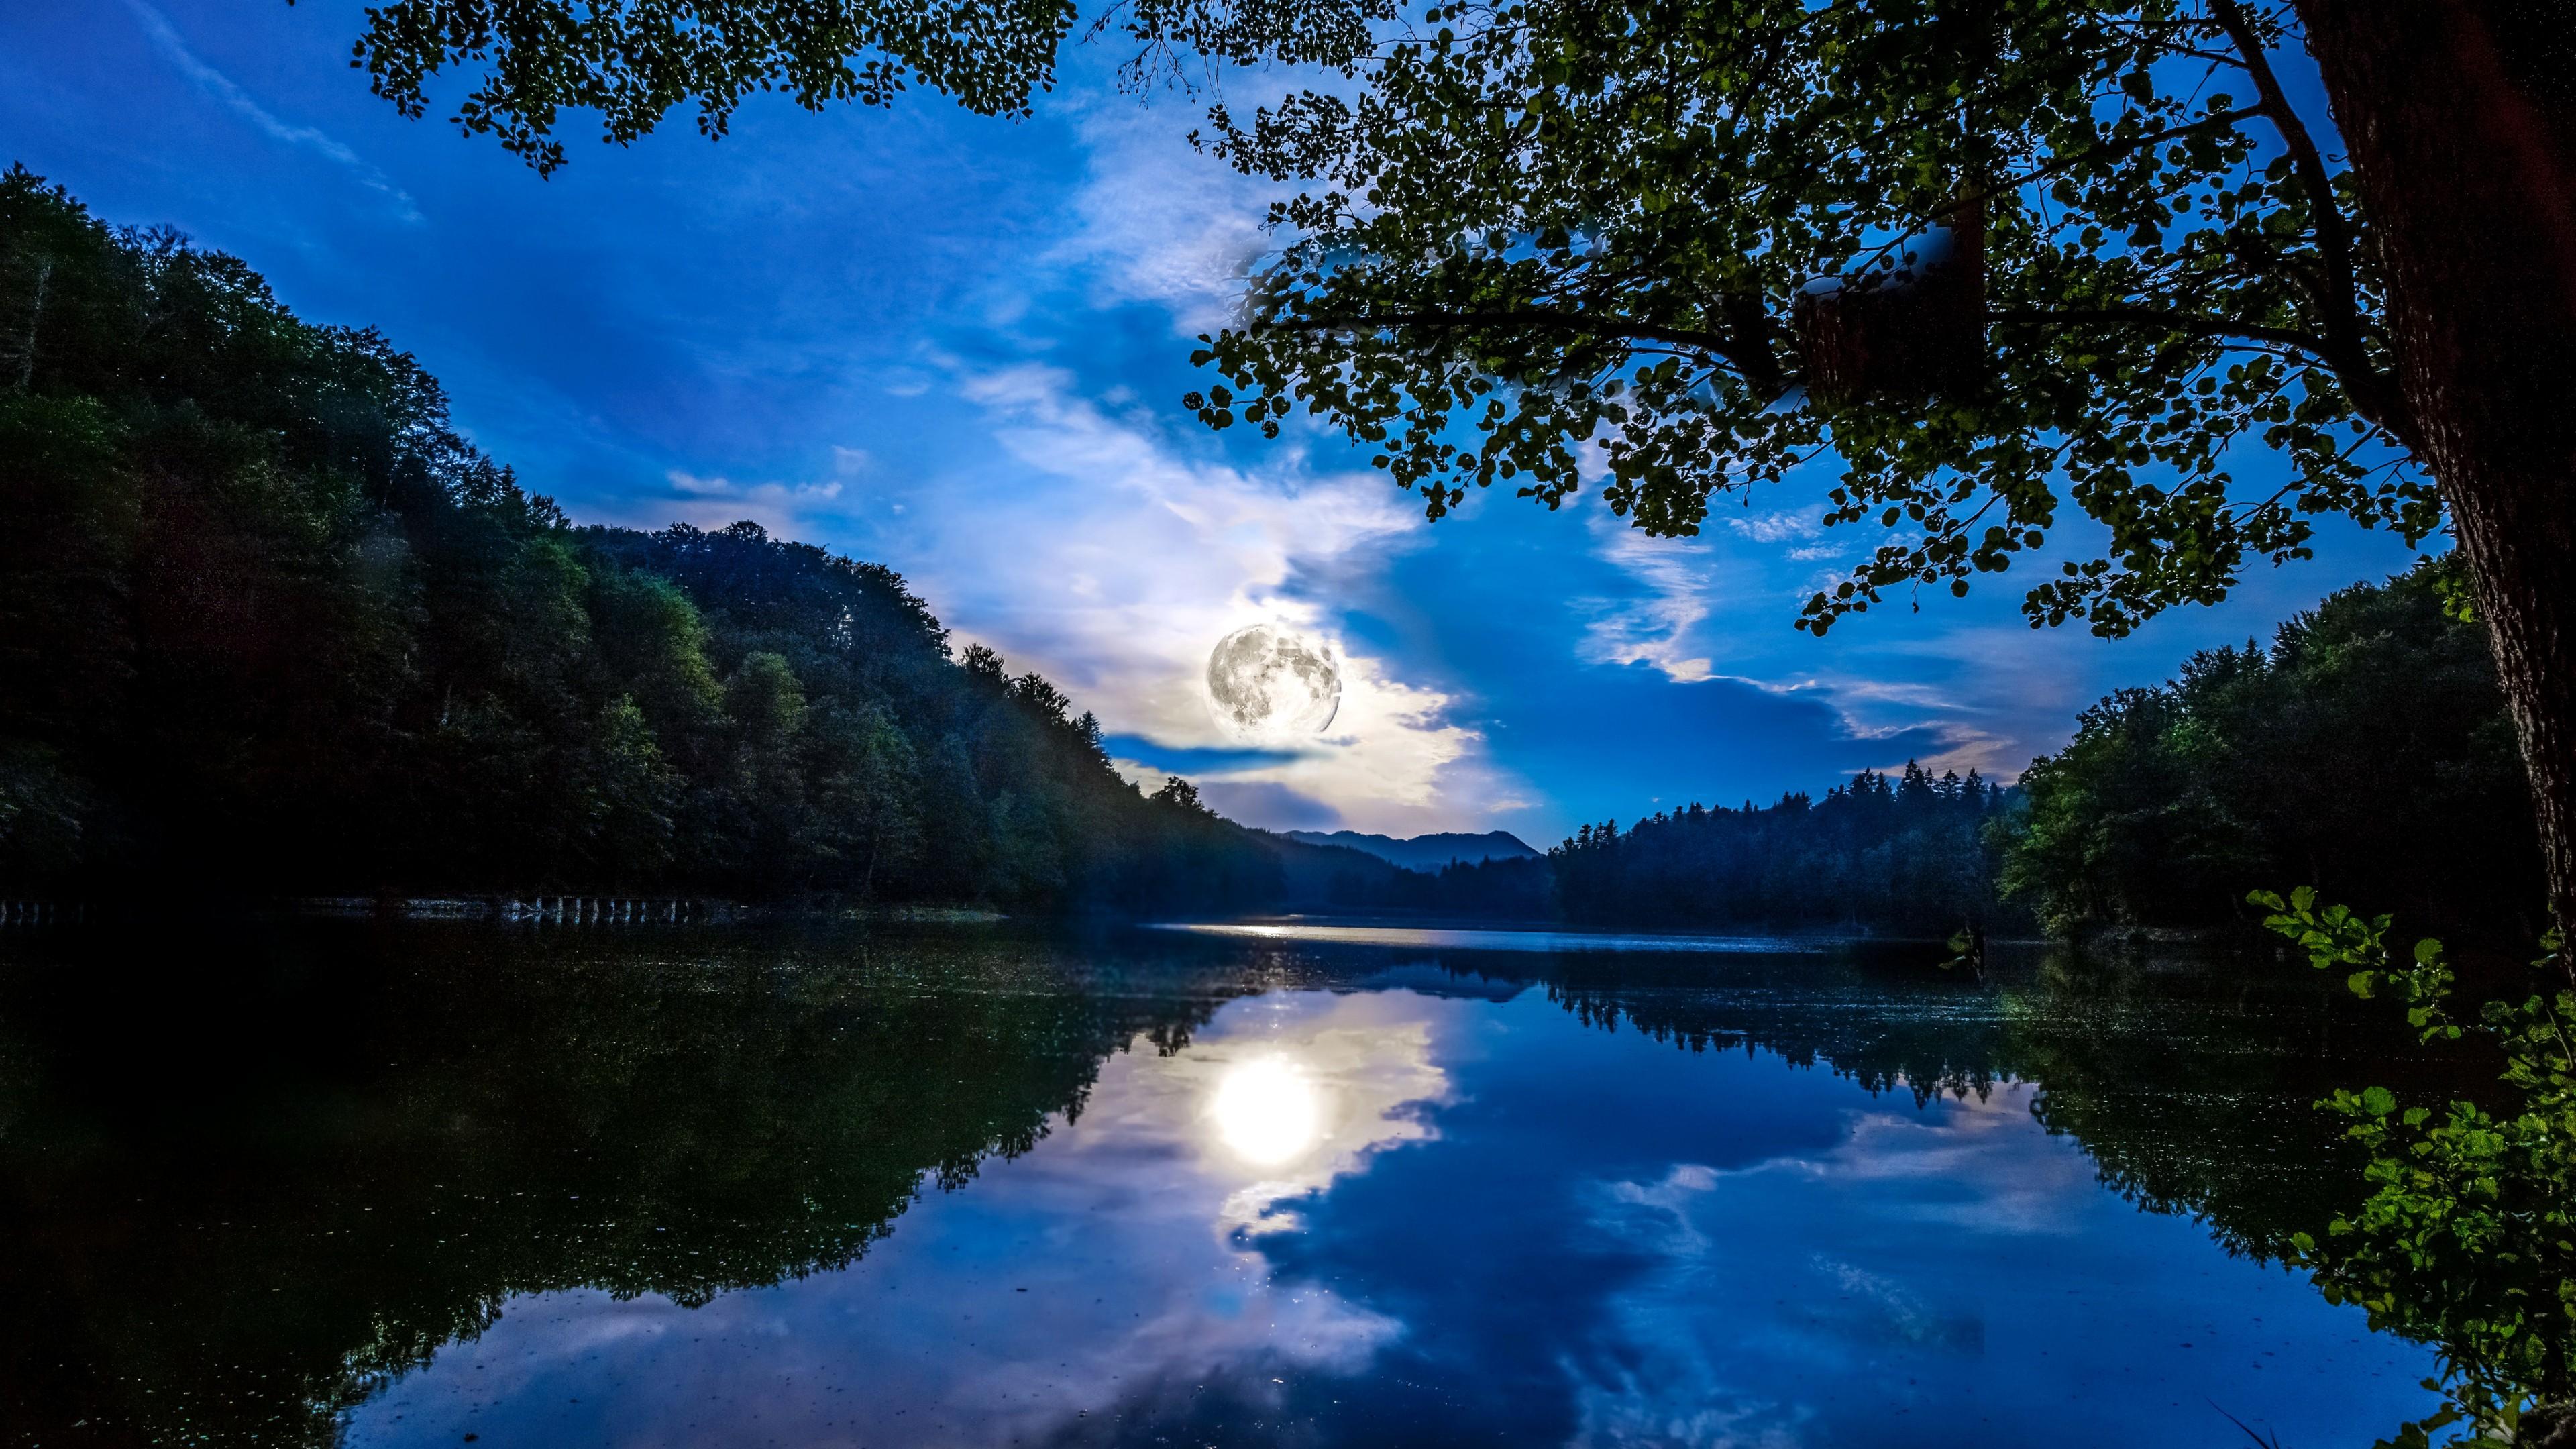 Отражение светящего шара луны и темно-синих облаков в зеркальной глади озера